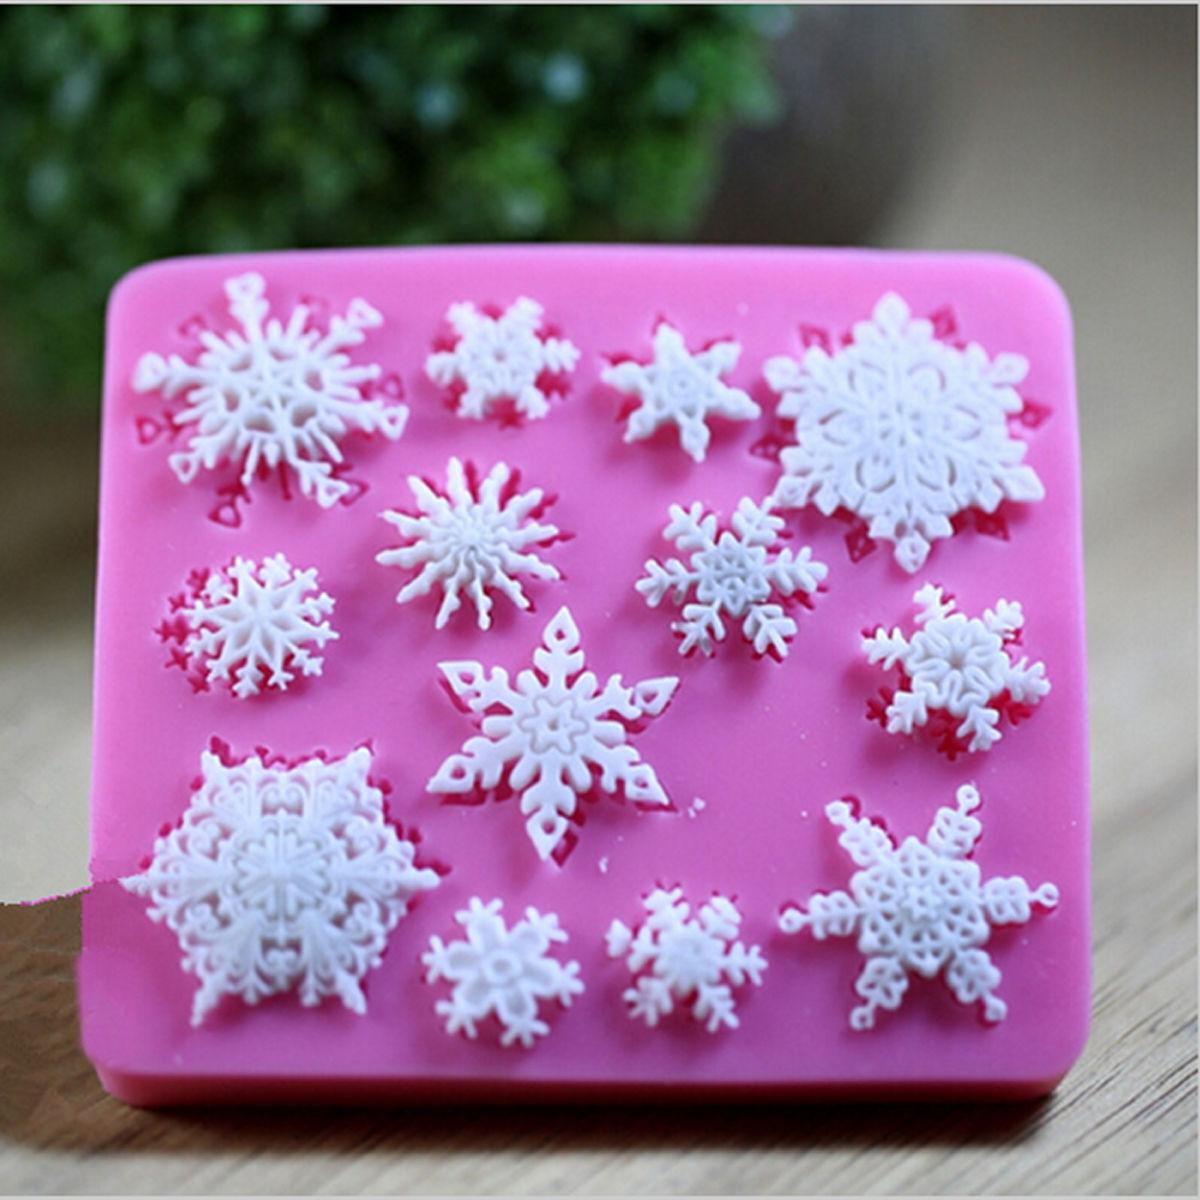 Как сделать мыльный раствор для приклеивания снежинок